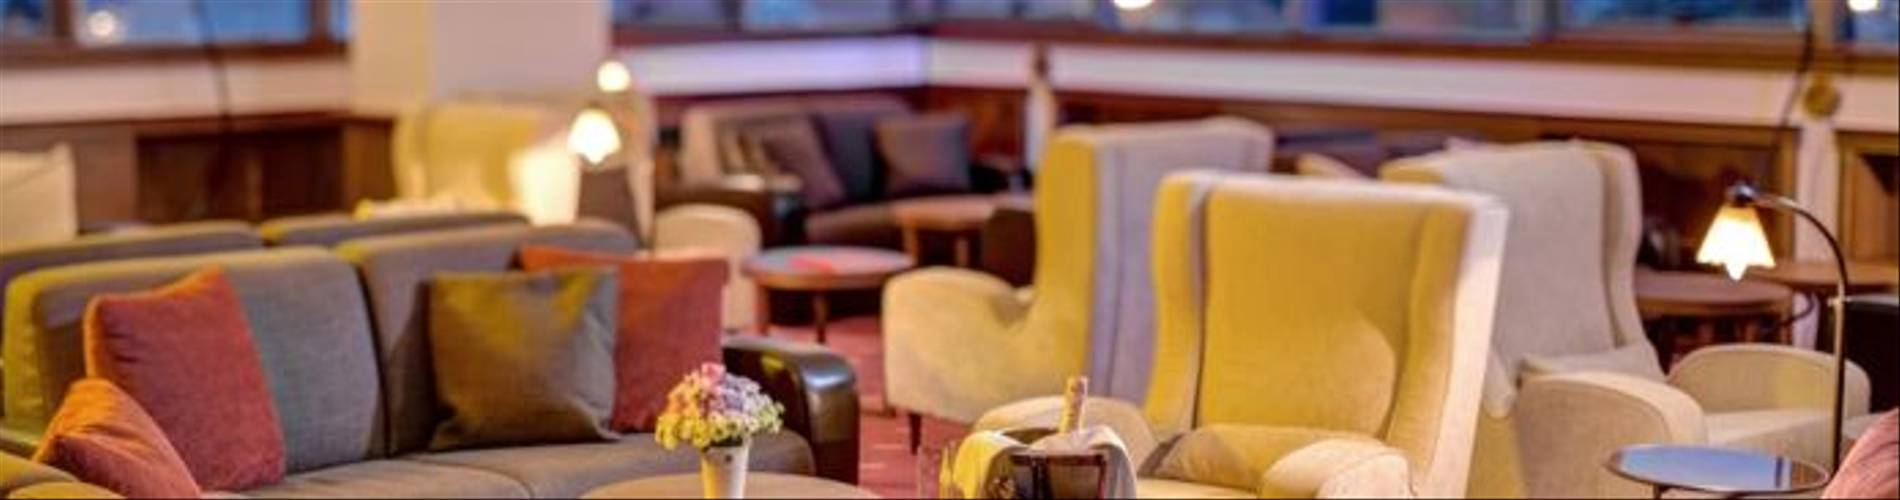 HotelResidence_DIOKLECIJAN_lounge-bar_2048px_3S8C3776-695x409.jpg